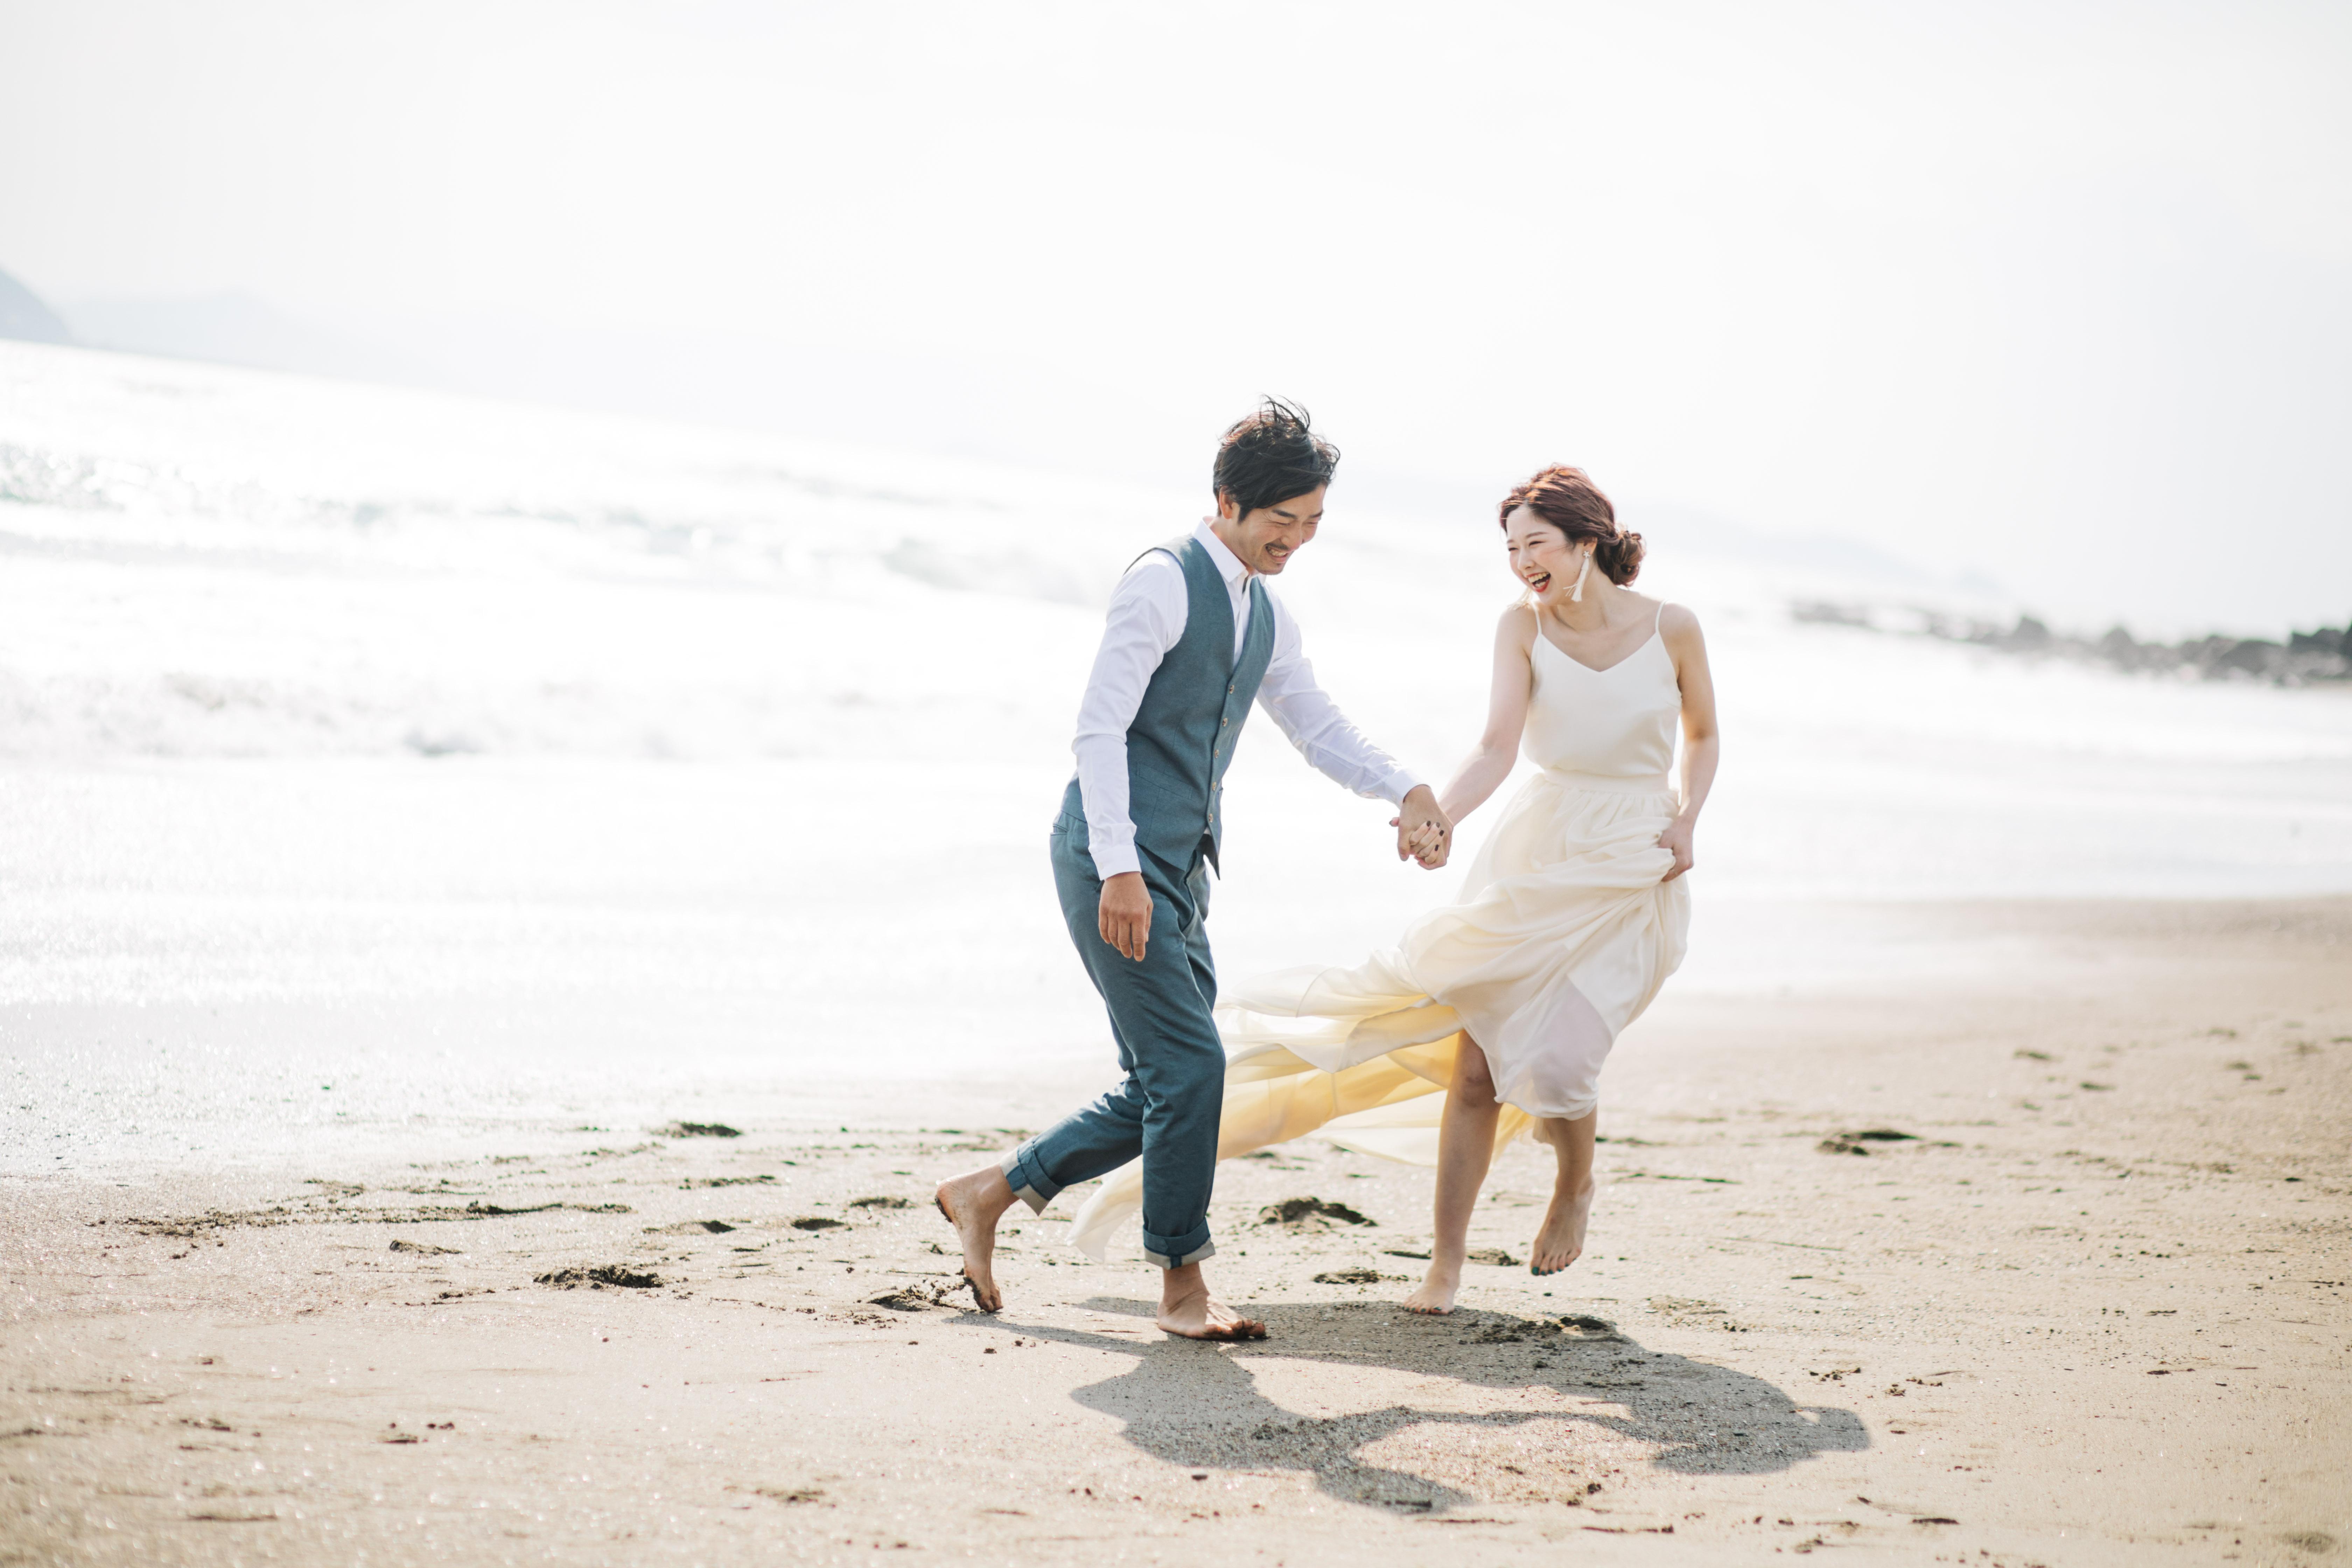 等身大の結婚写真(前撮り)「Moment」の登場!